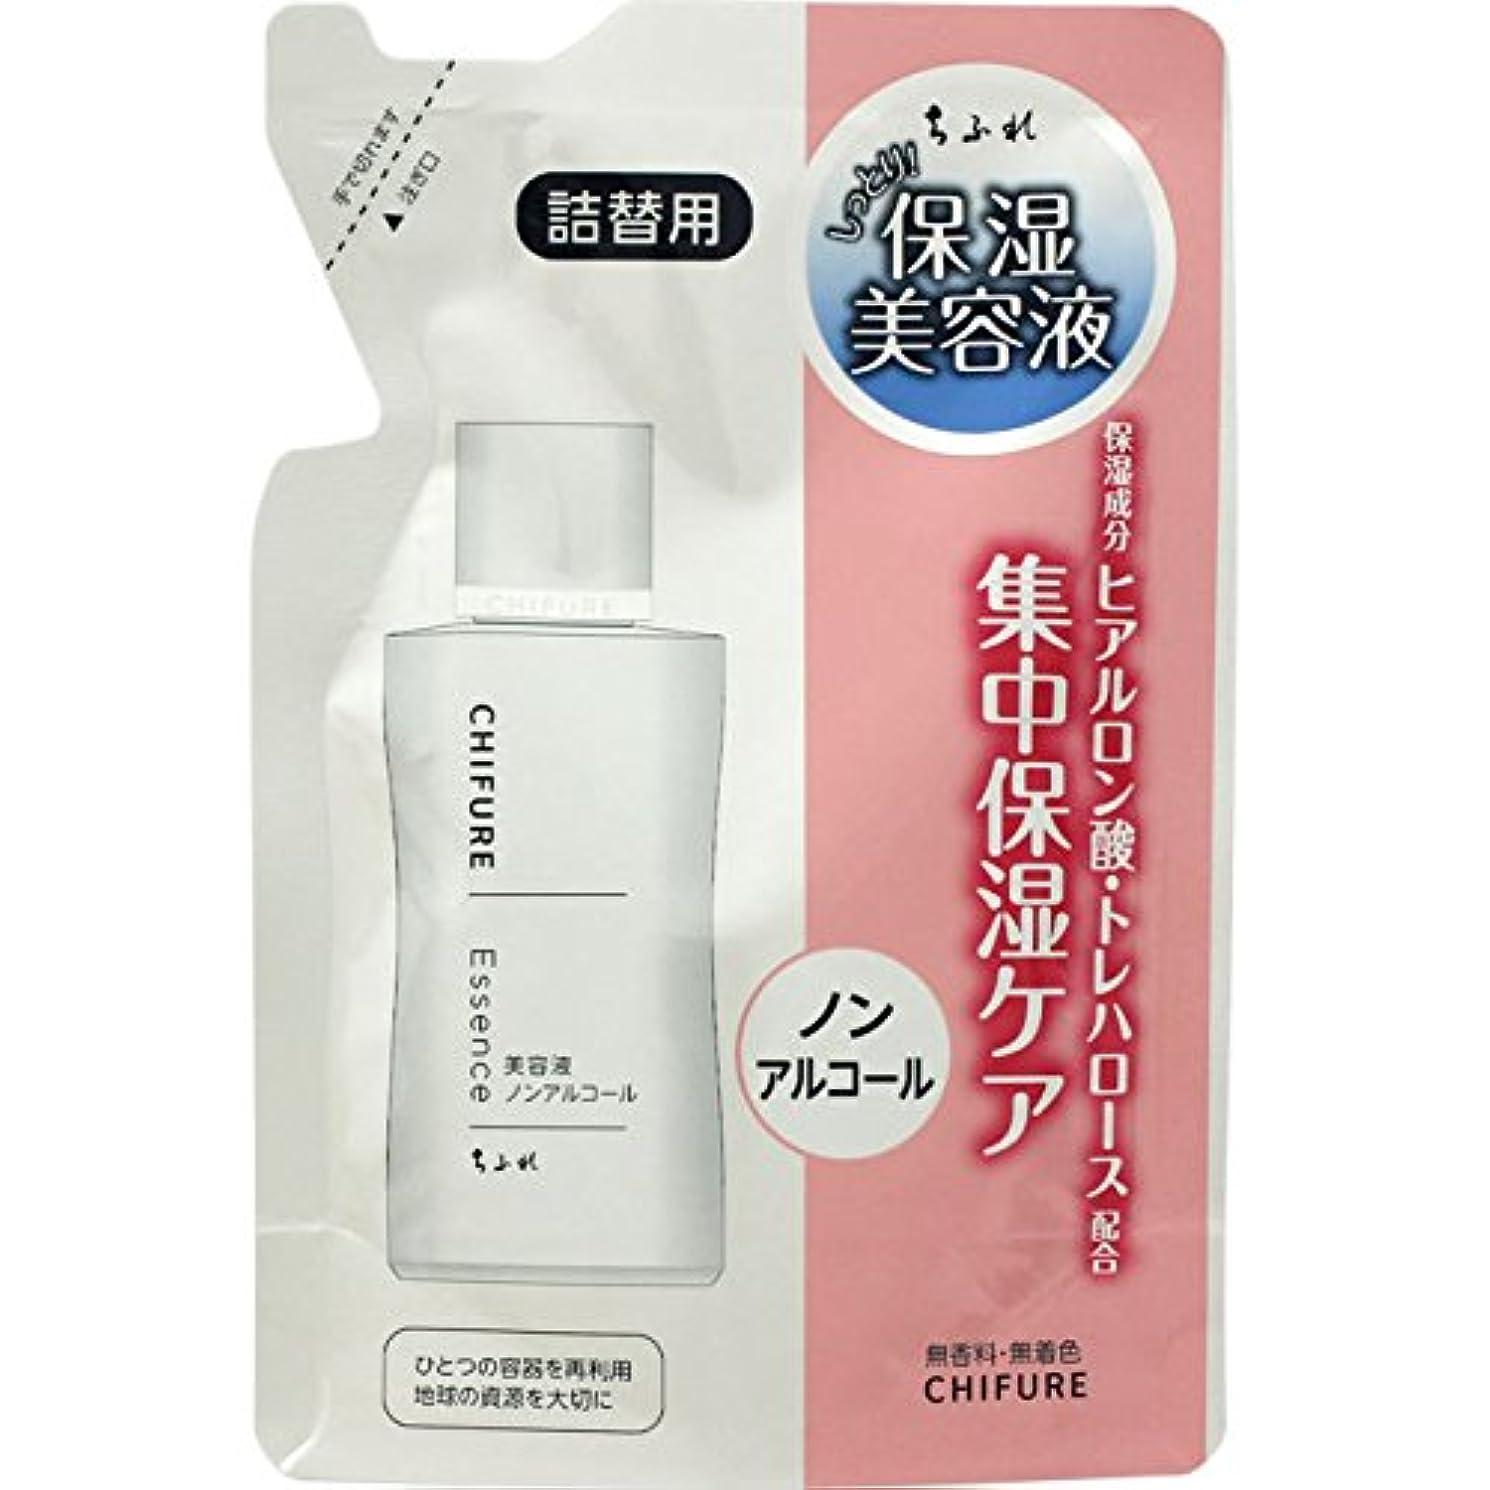 もの聖域抑止するちふれ化粧品 ちふれ 美容液 ノンアルコールタイプ 詰替用 45ML